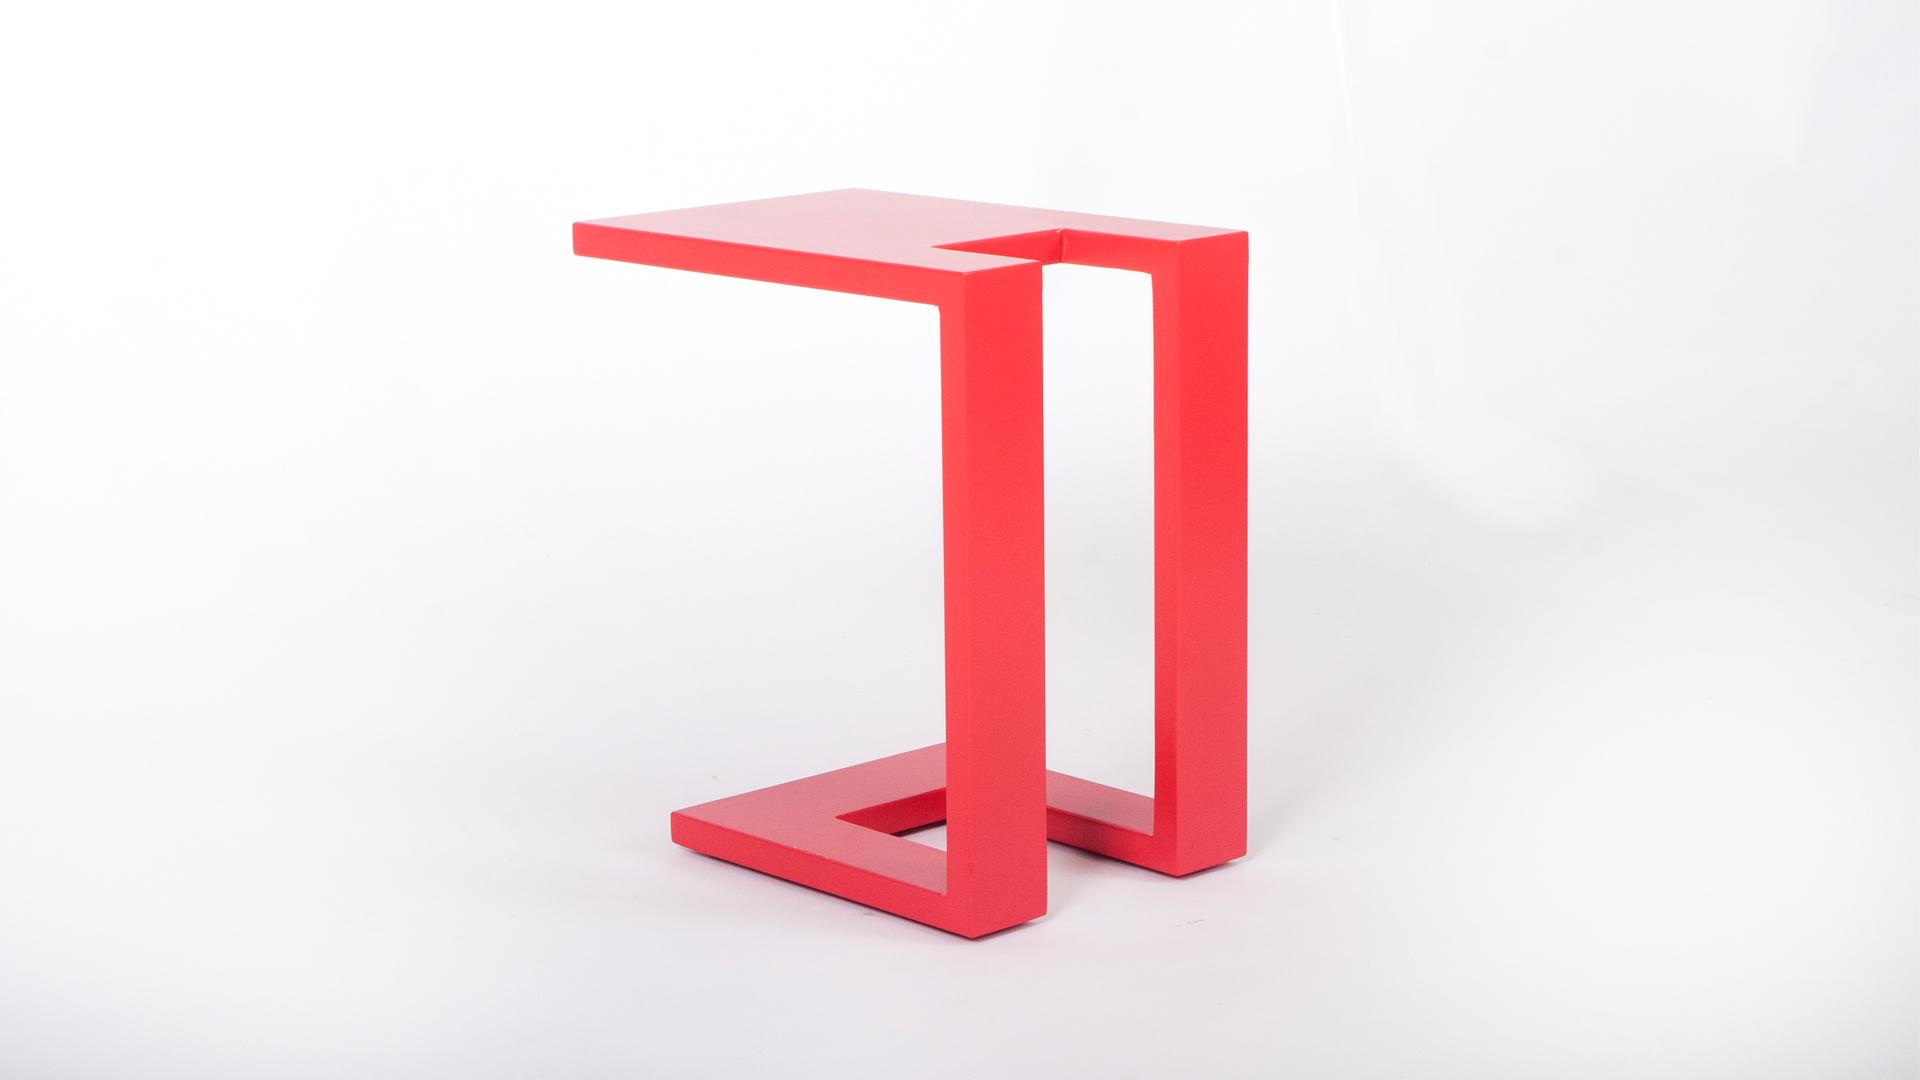 שולחן צד למעמד הספה